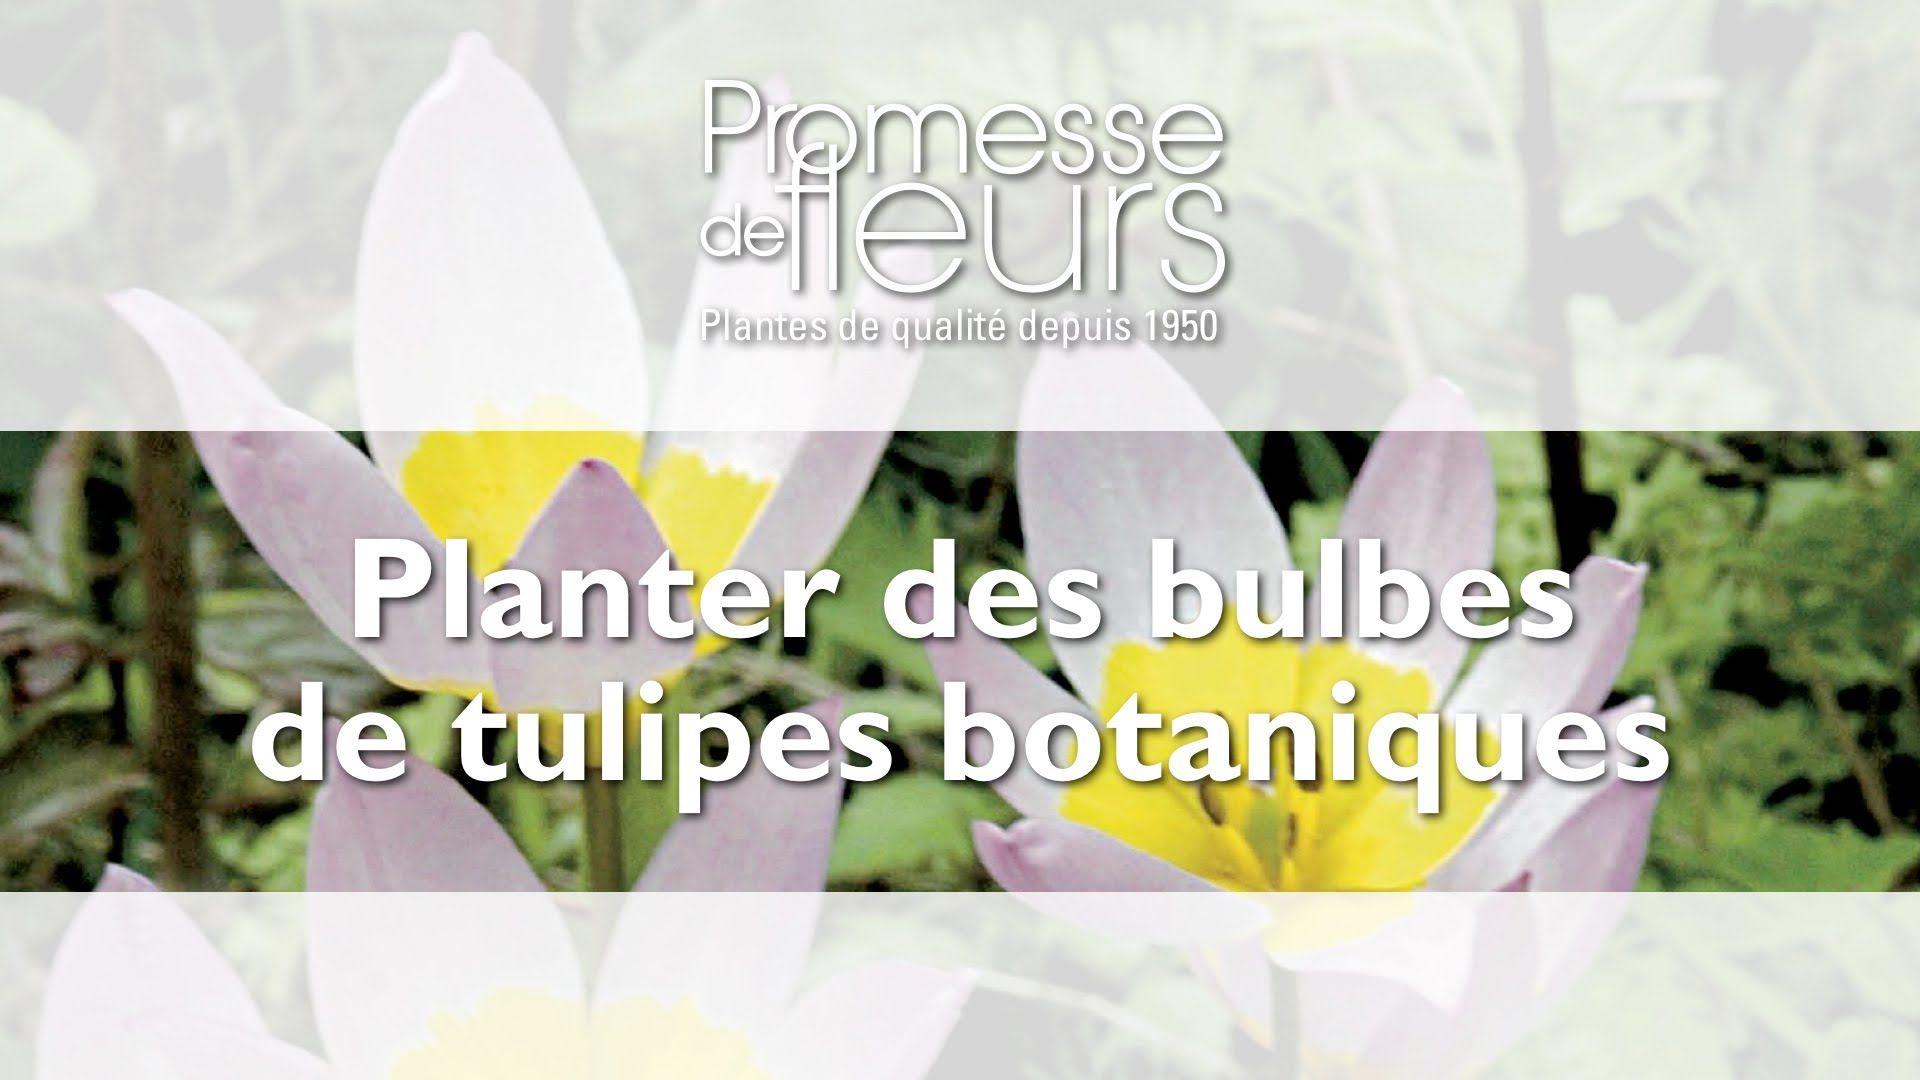 Planter des tulipes botaniques jardinage pinterest for Conseil jardinage